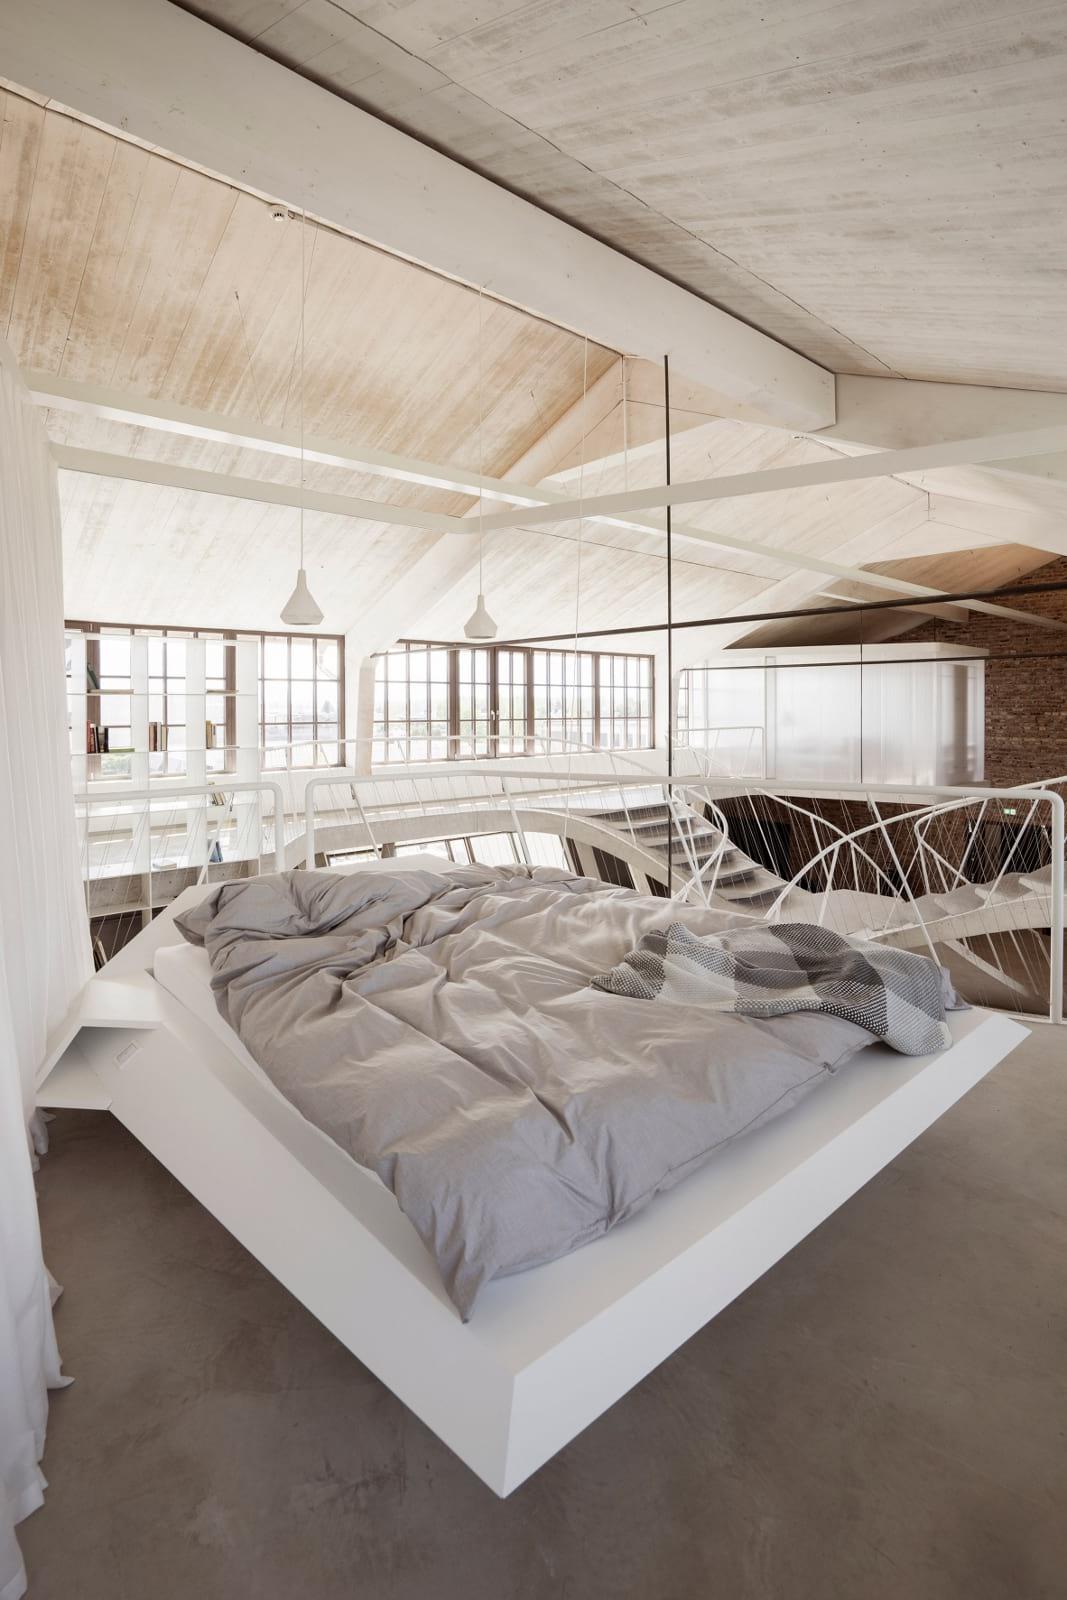 Loft Panzerhalle by Smartvoll Architekten.